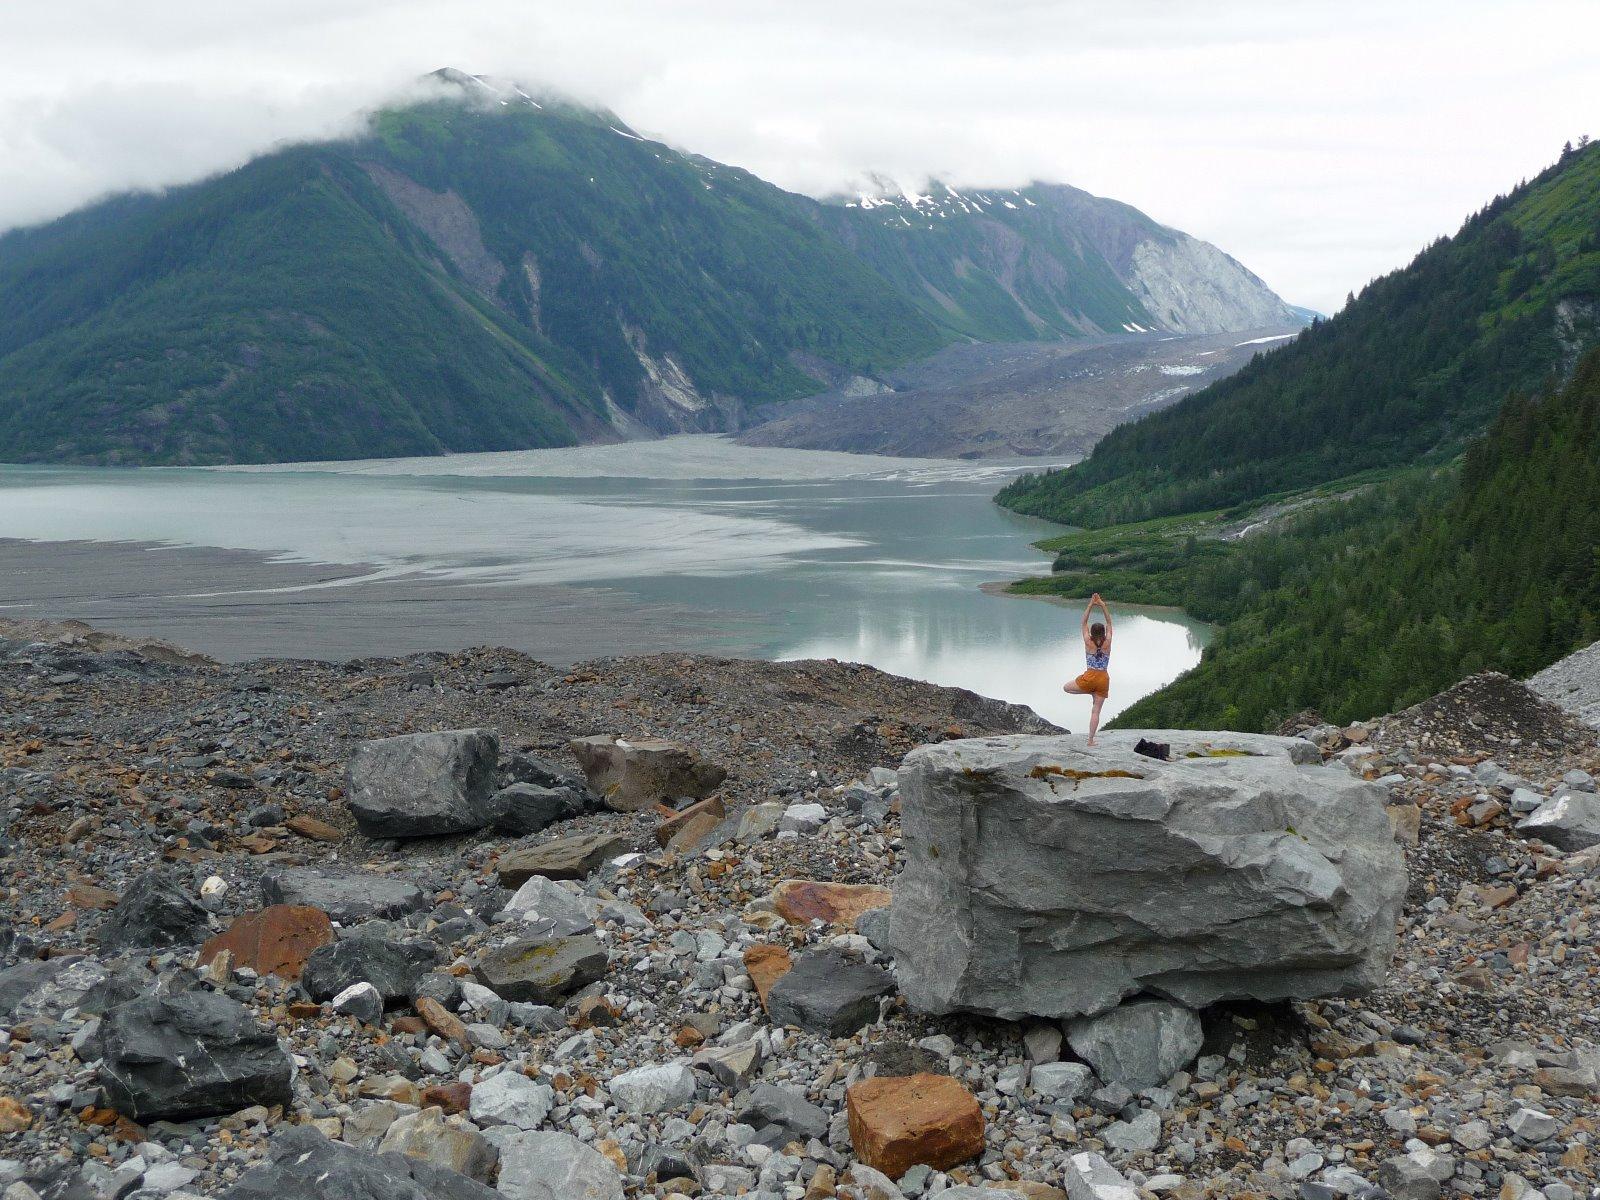 North Crillon Glacier covered with rocks.